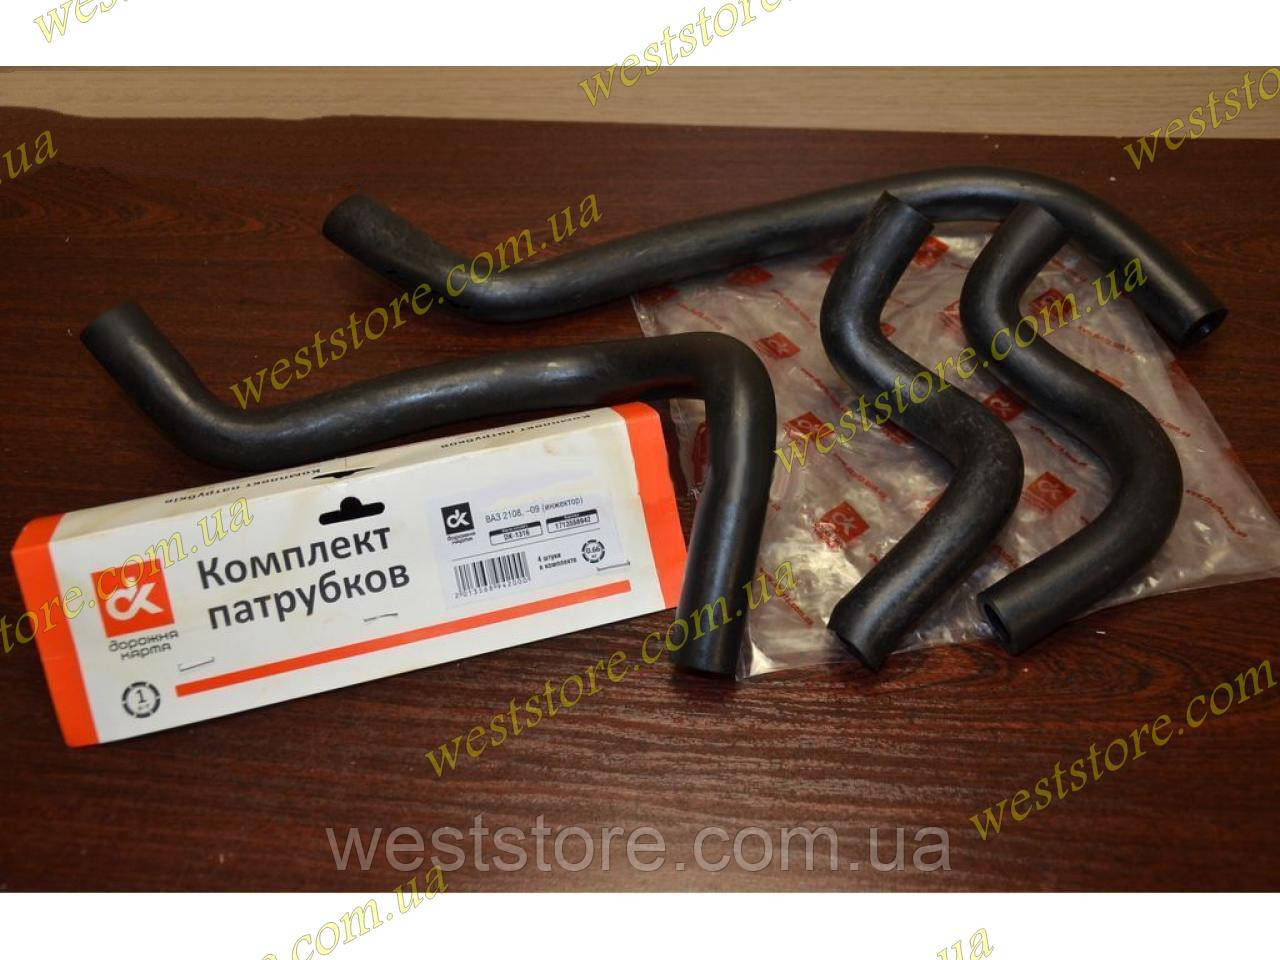 Патрубки отопителя (печки) на ВАЗ 21082 инжектор ДК к-кт 4шт)